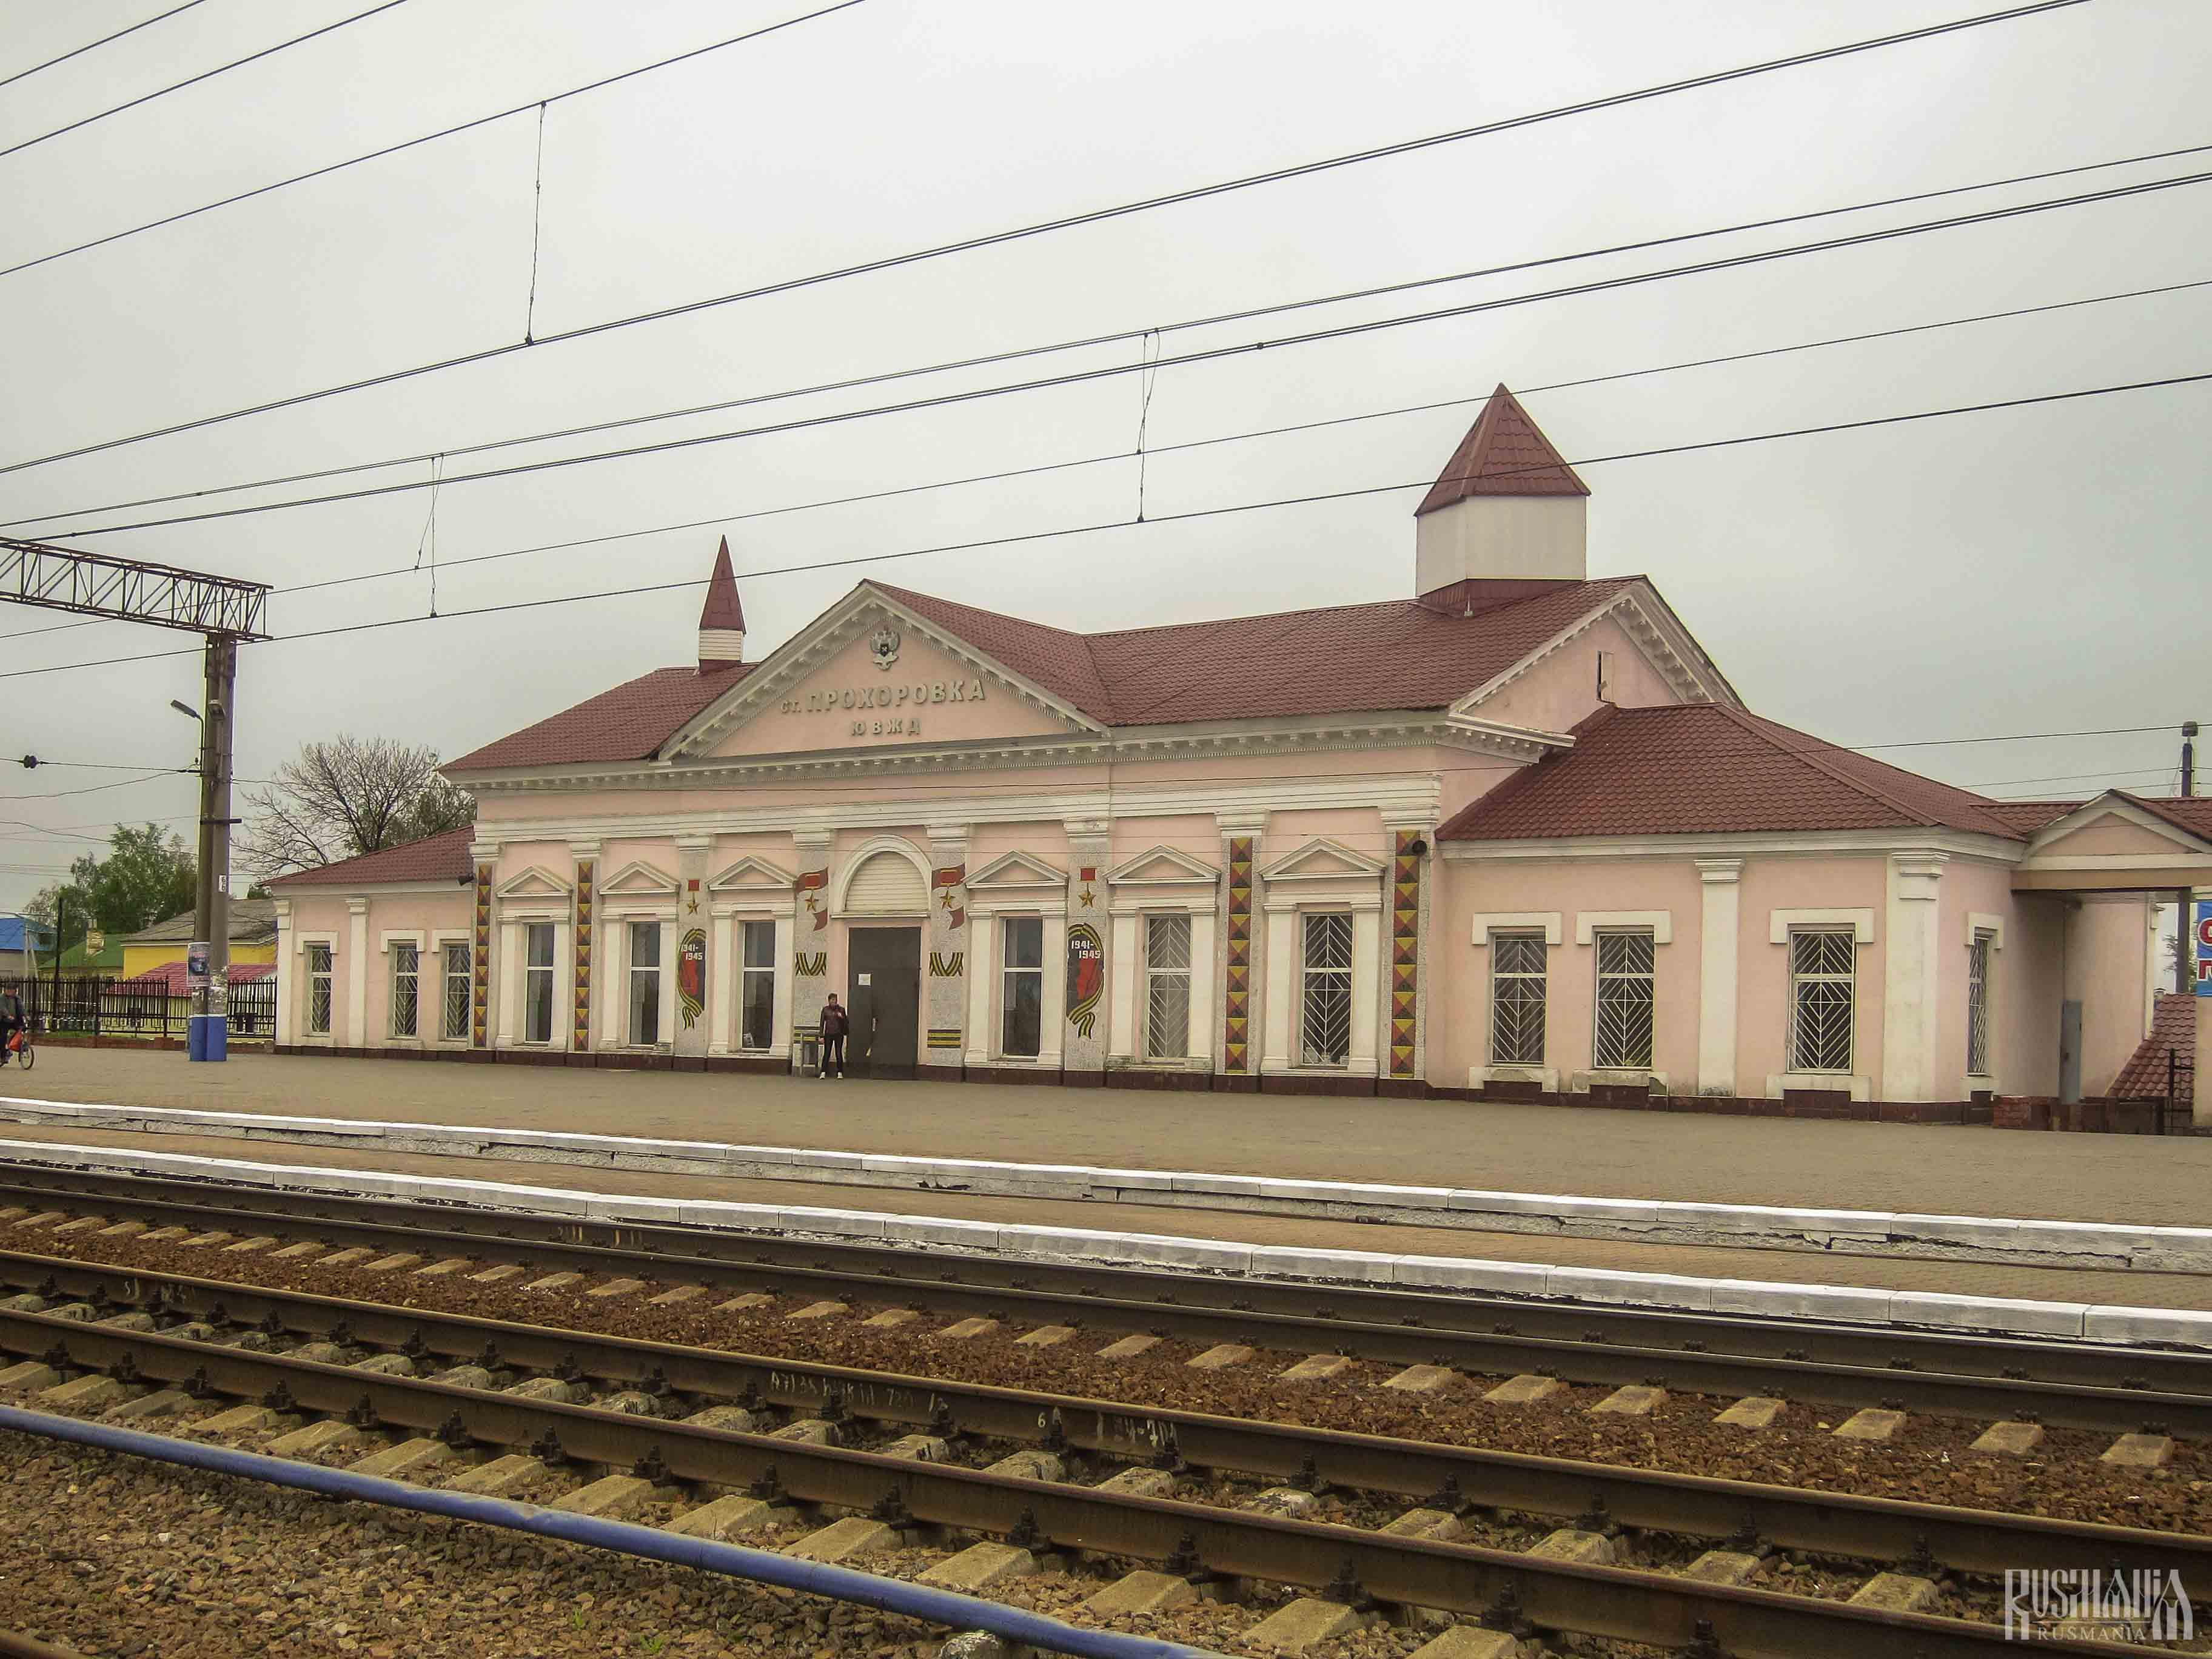 Prokhorovka railway station